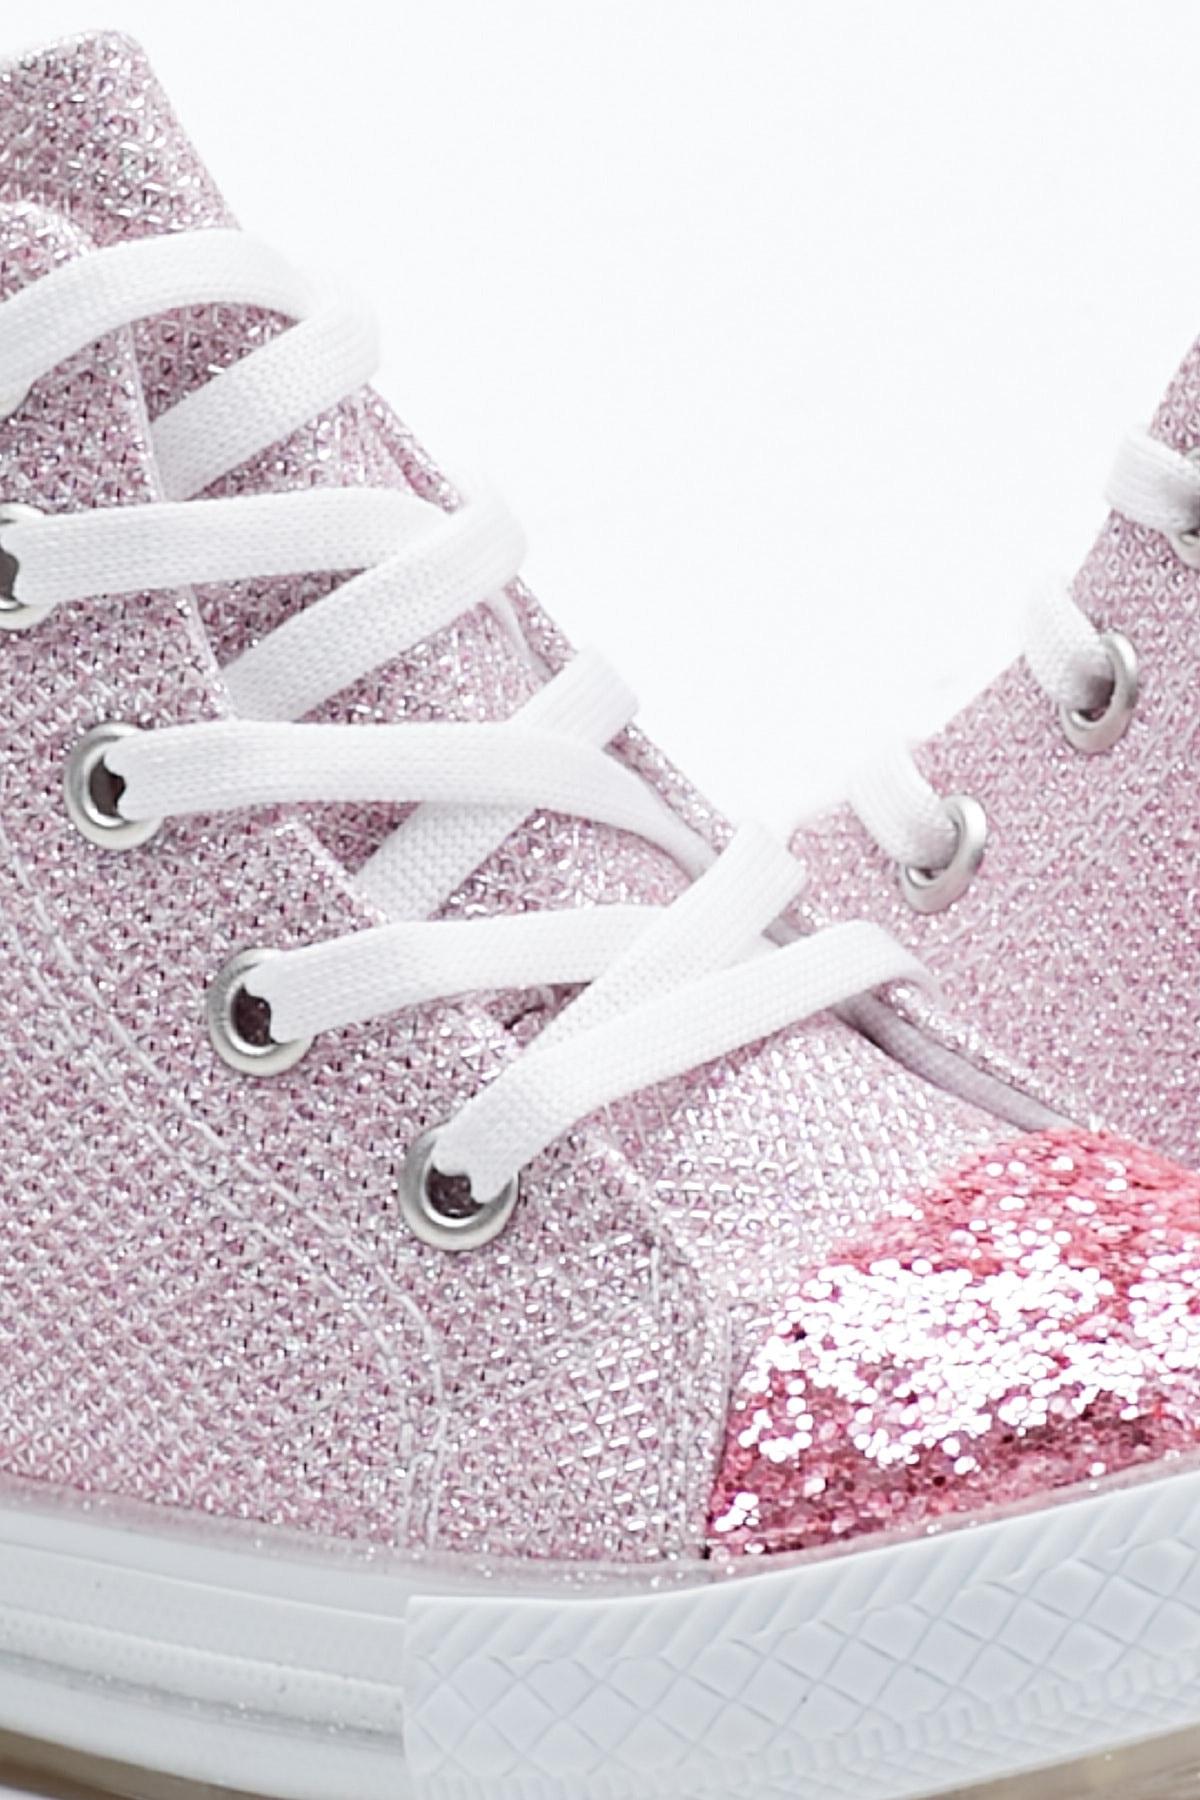 Tonny Black Pembe Çocuk Spor Ayakkabı Uzun Tb999 1